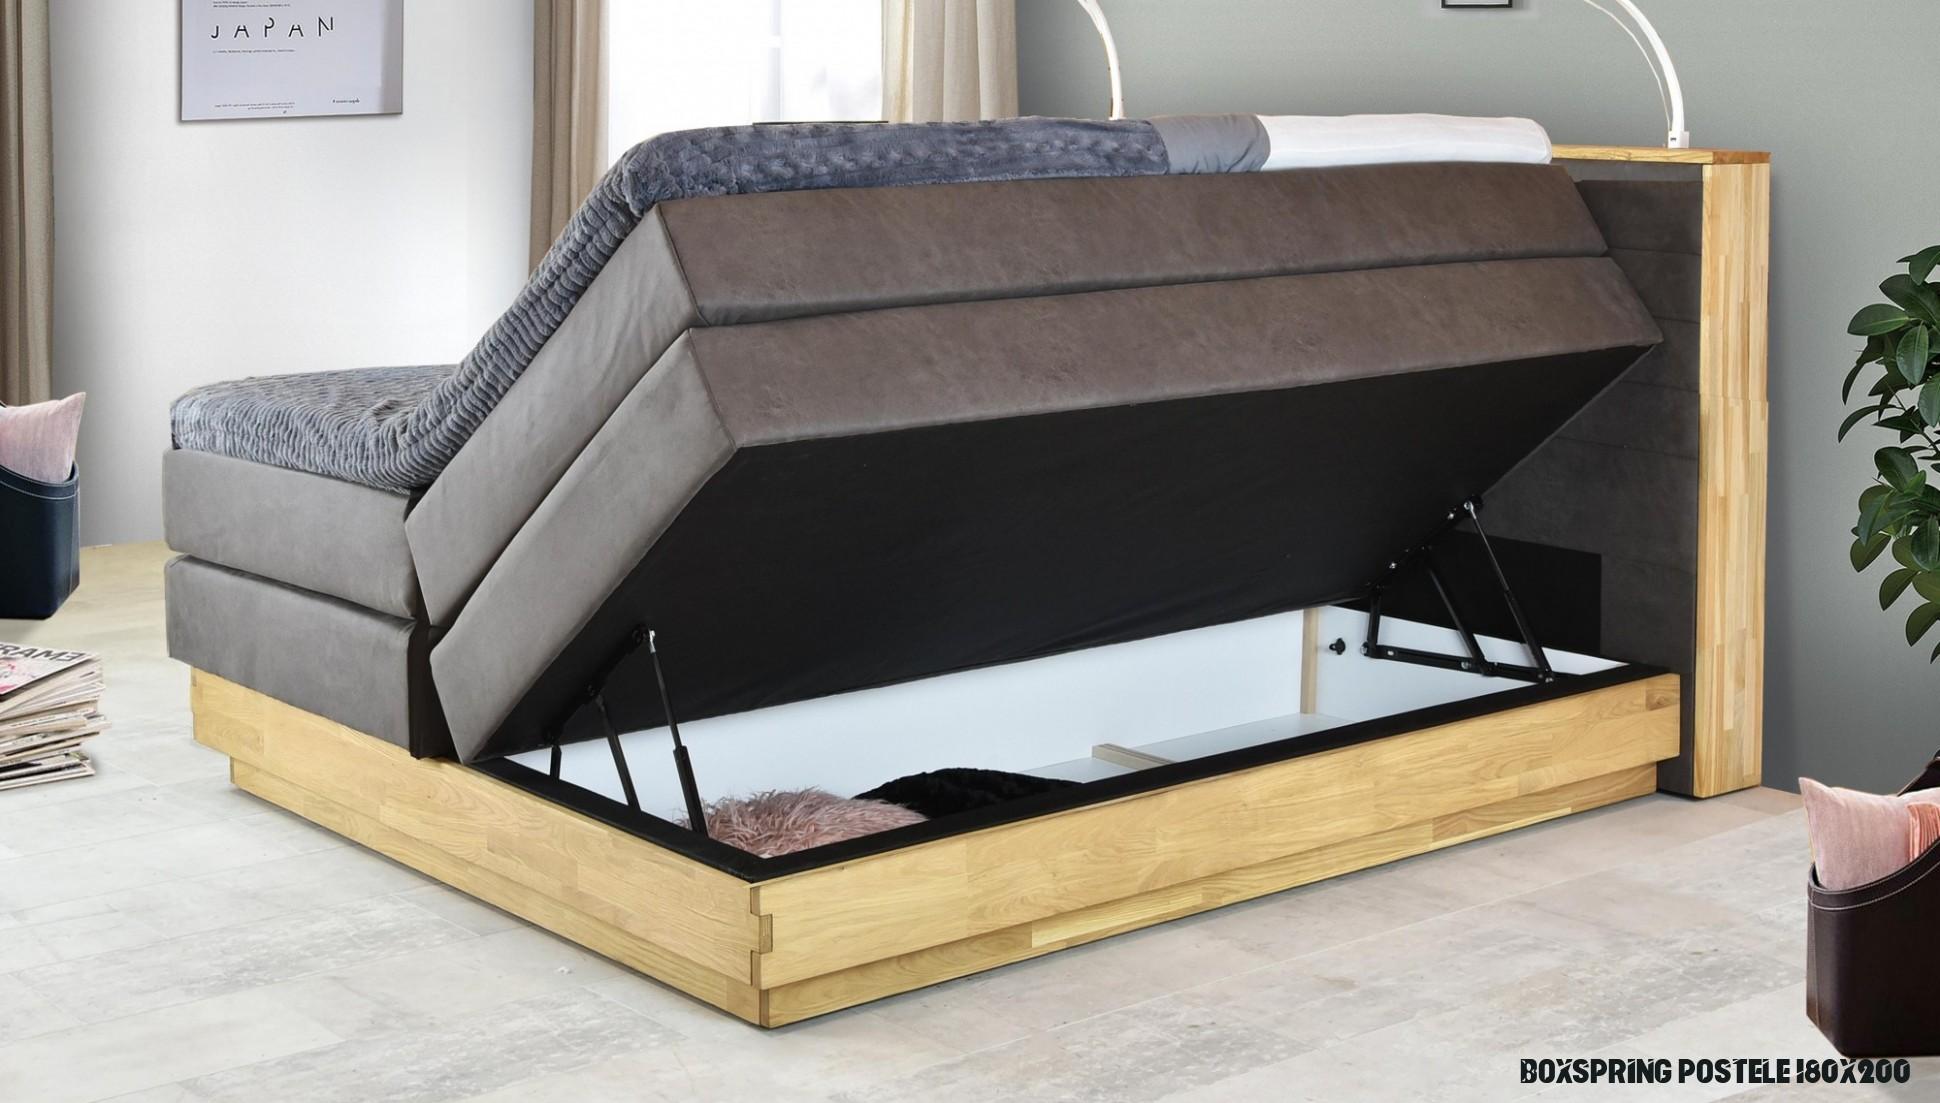 Dubová posteľ boxspring s úložným priestorom vrátane matracov MONETA